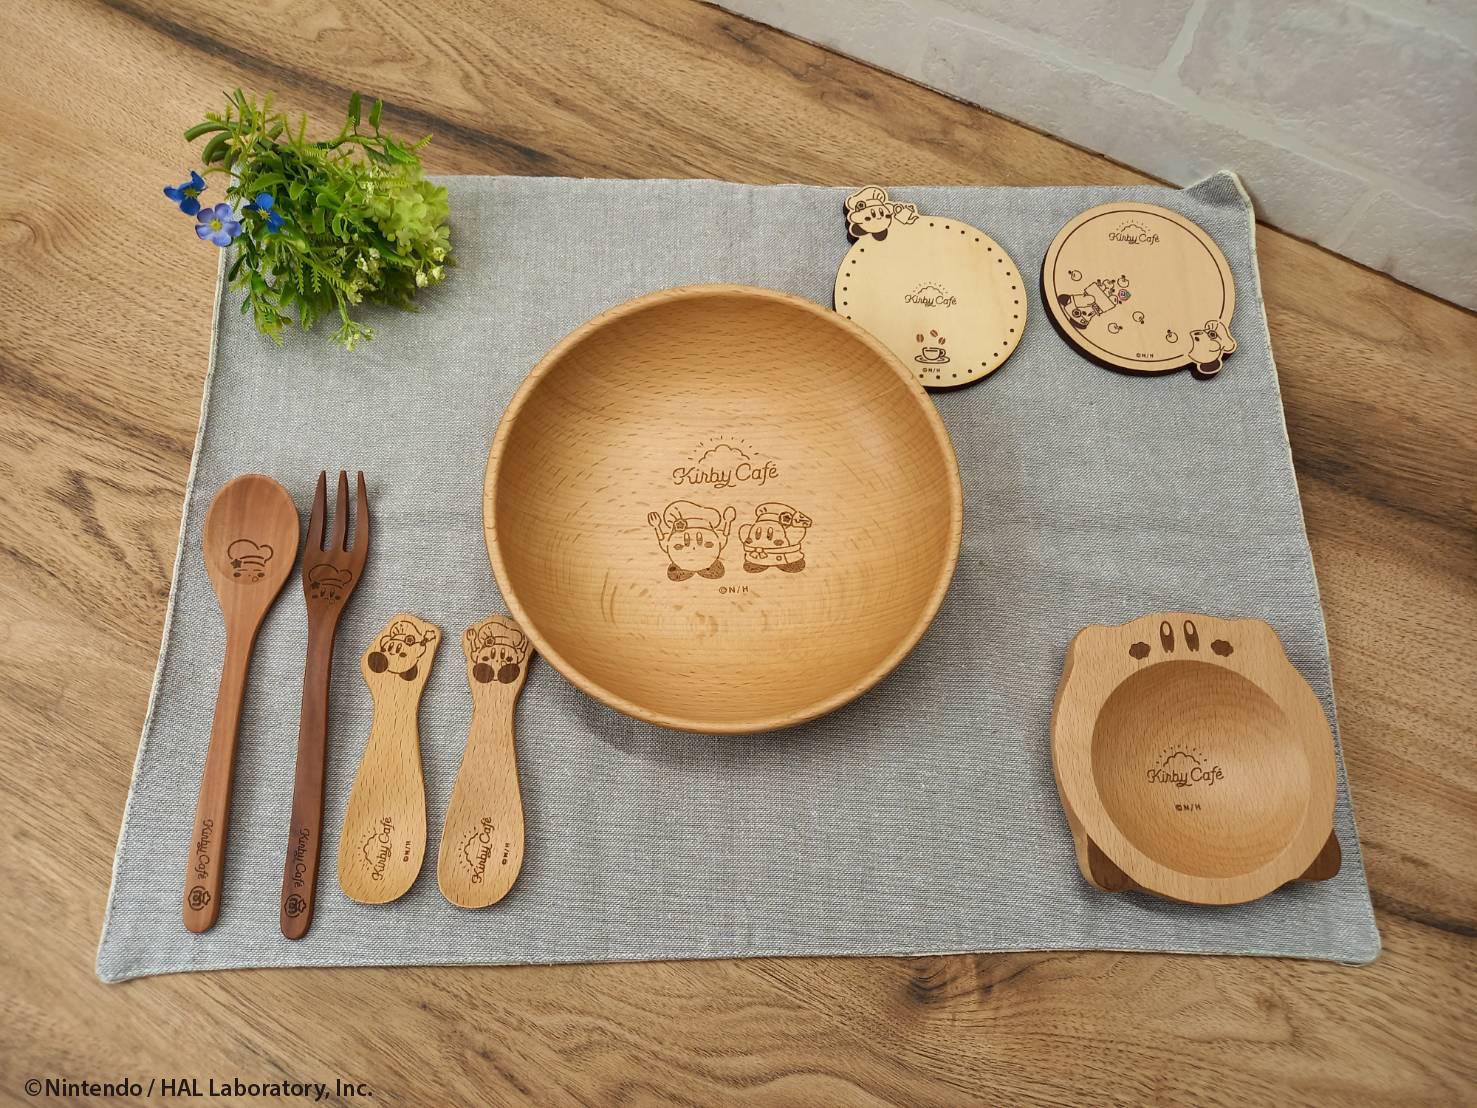 いよいよオープン「カービィカフェ ザ・ストア」新商品情報公開!木製食器や映えるテイクアウトドリンクなどが登場